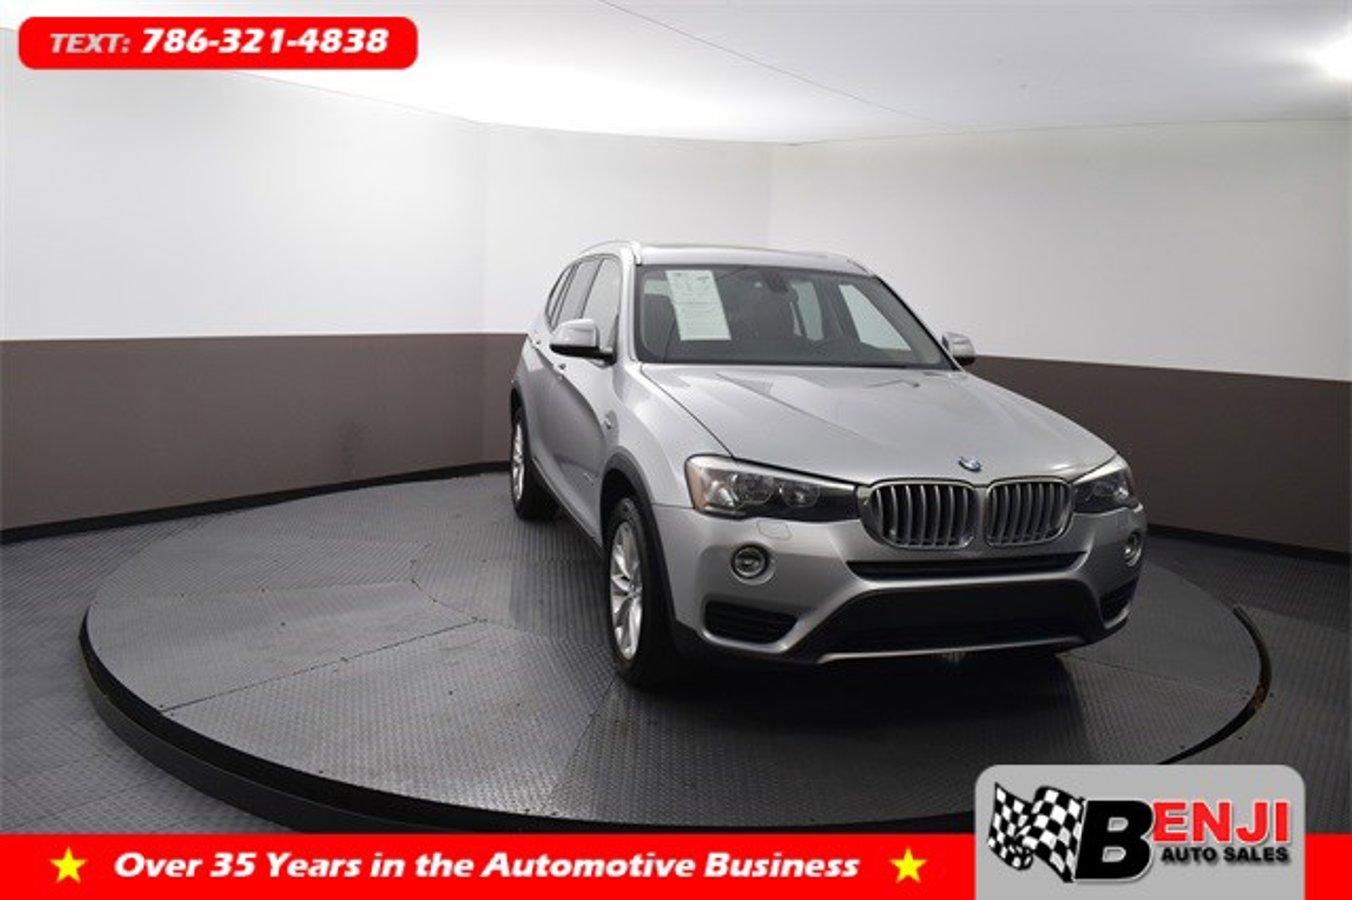 Used BMW X3 2017 BROWARD SDRIVE28I